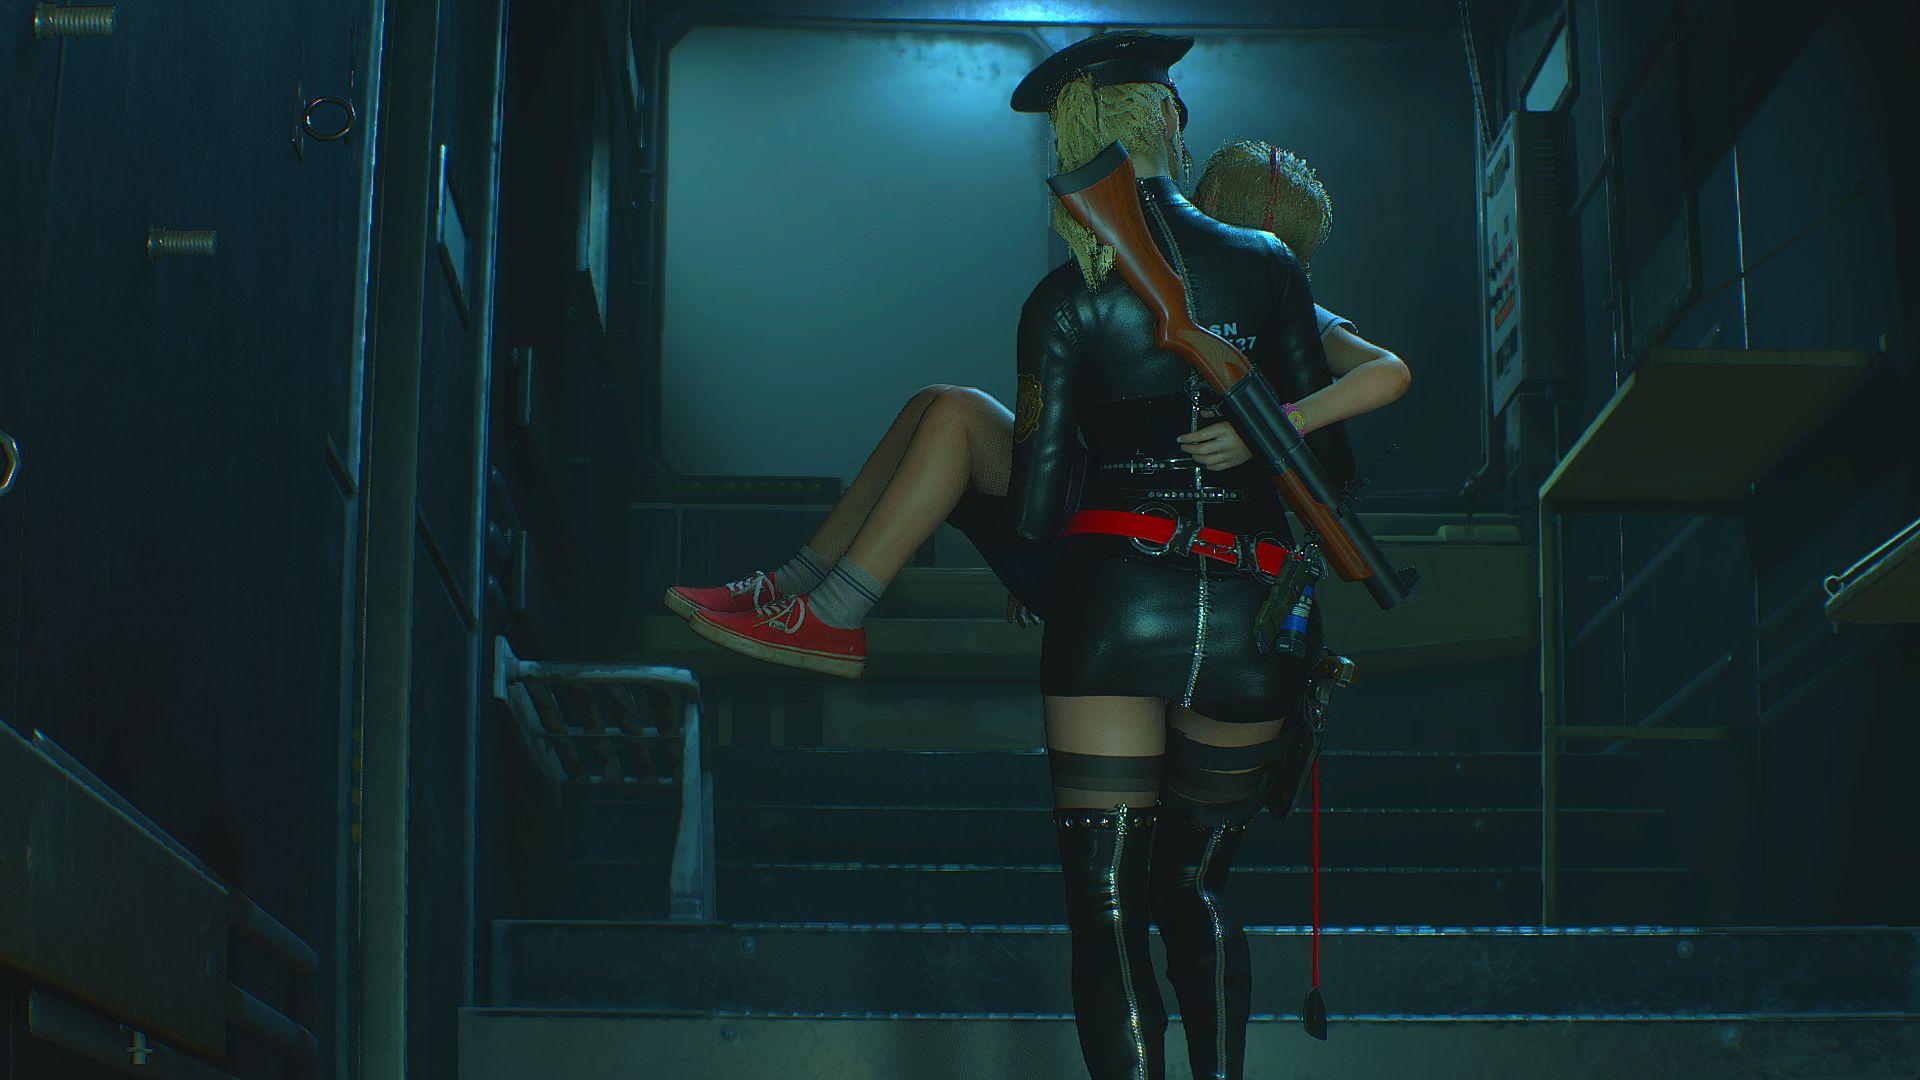 000140.Jpg - Resident Evil 2